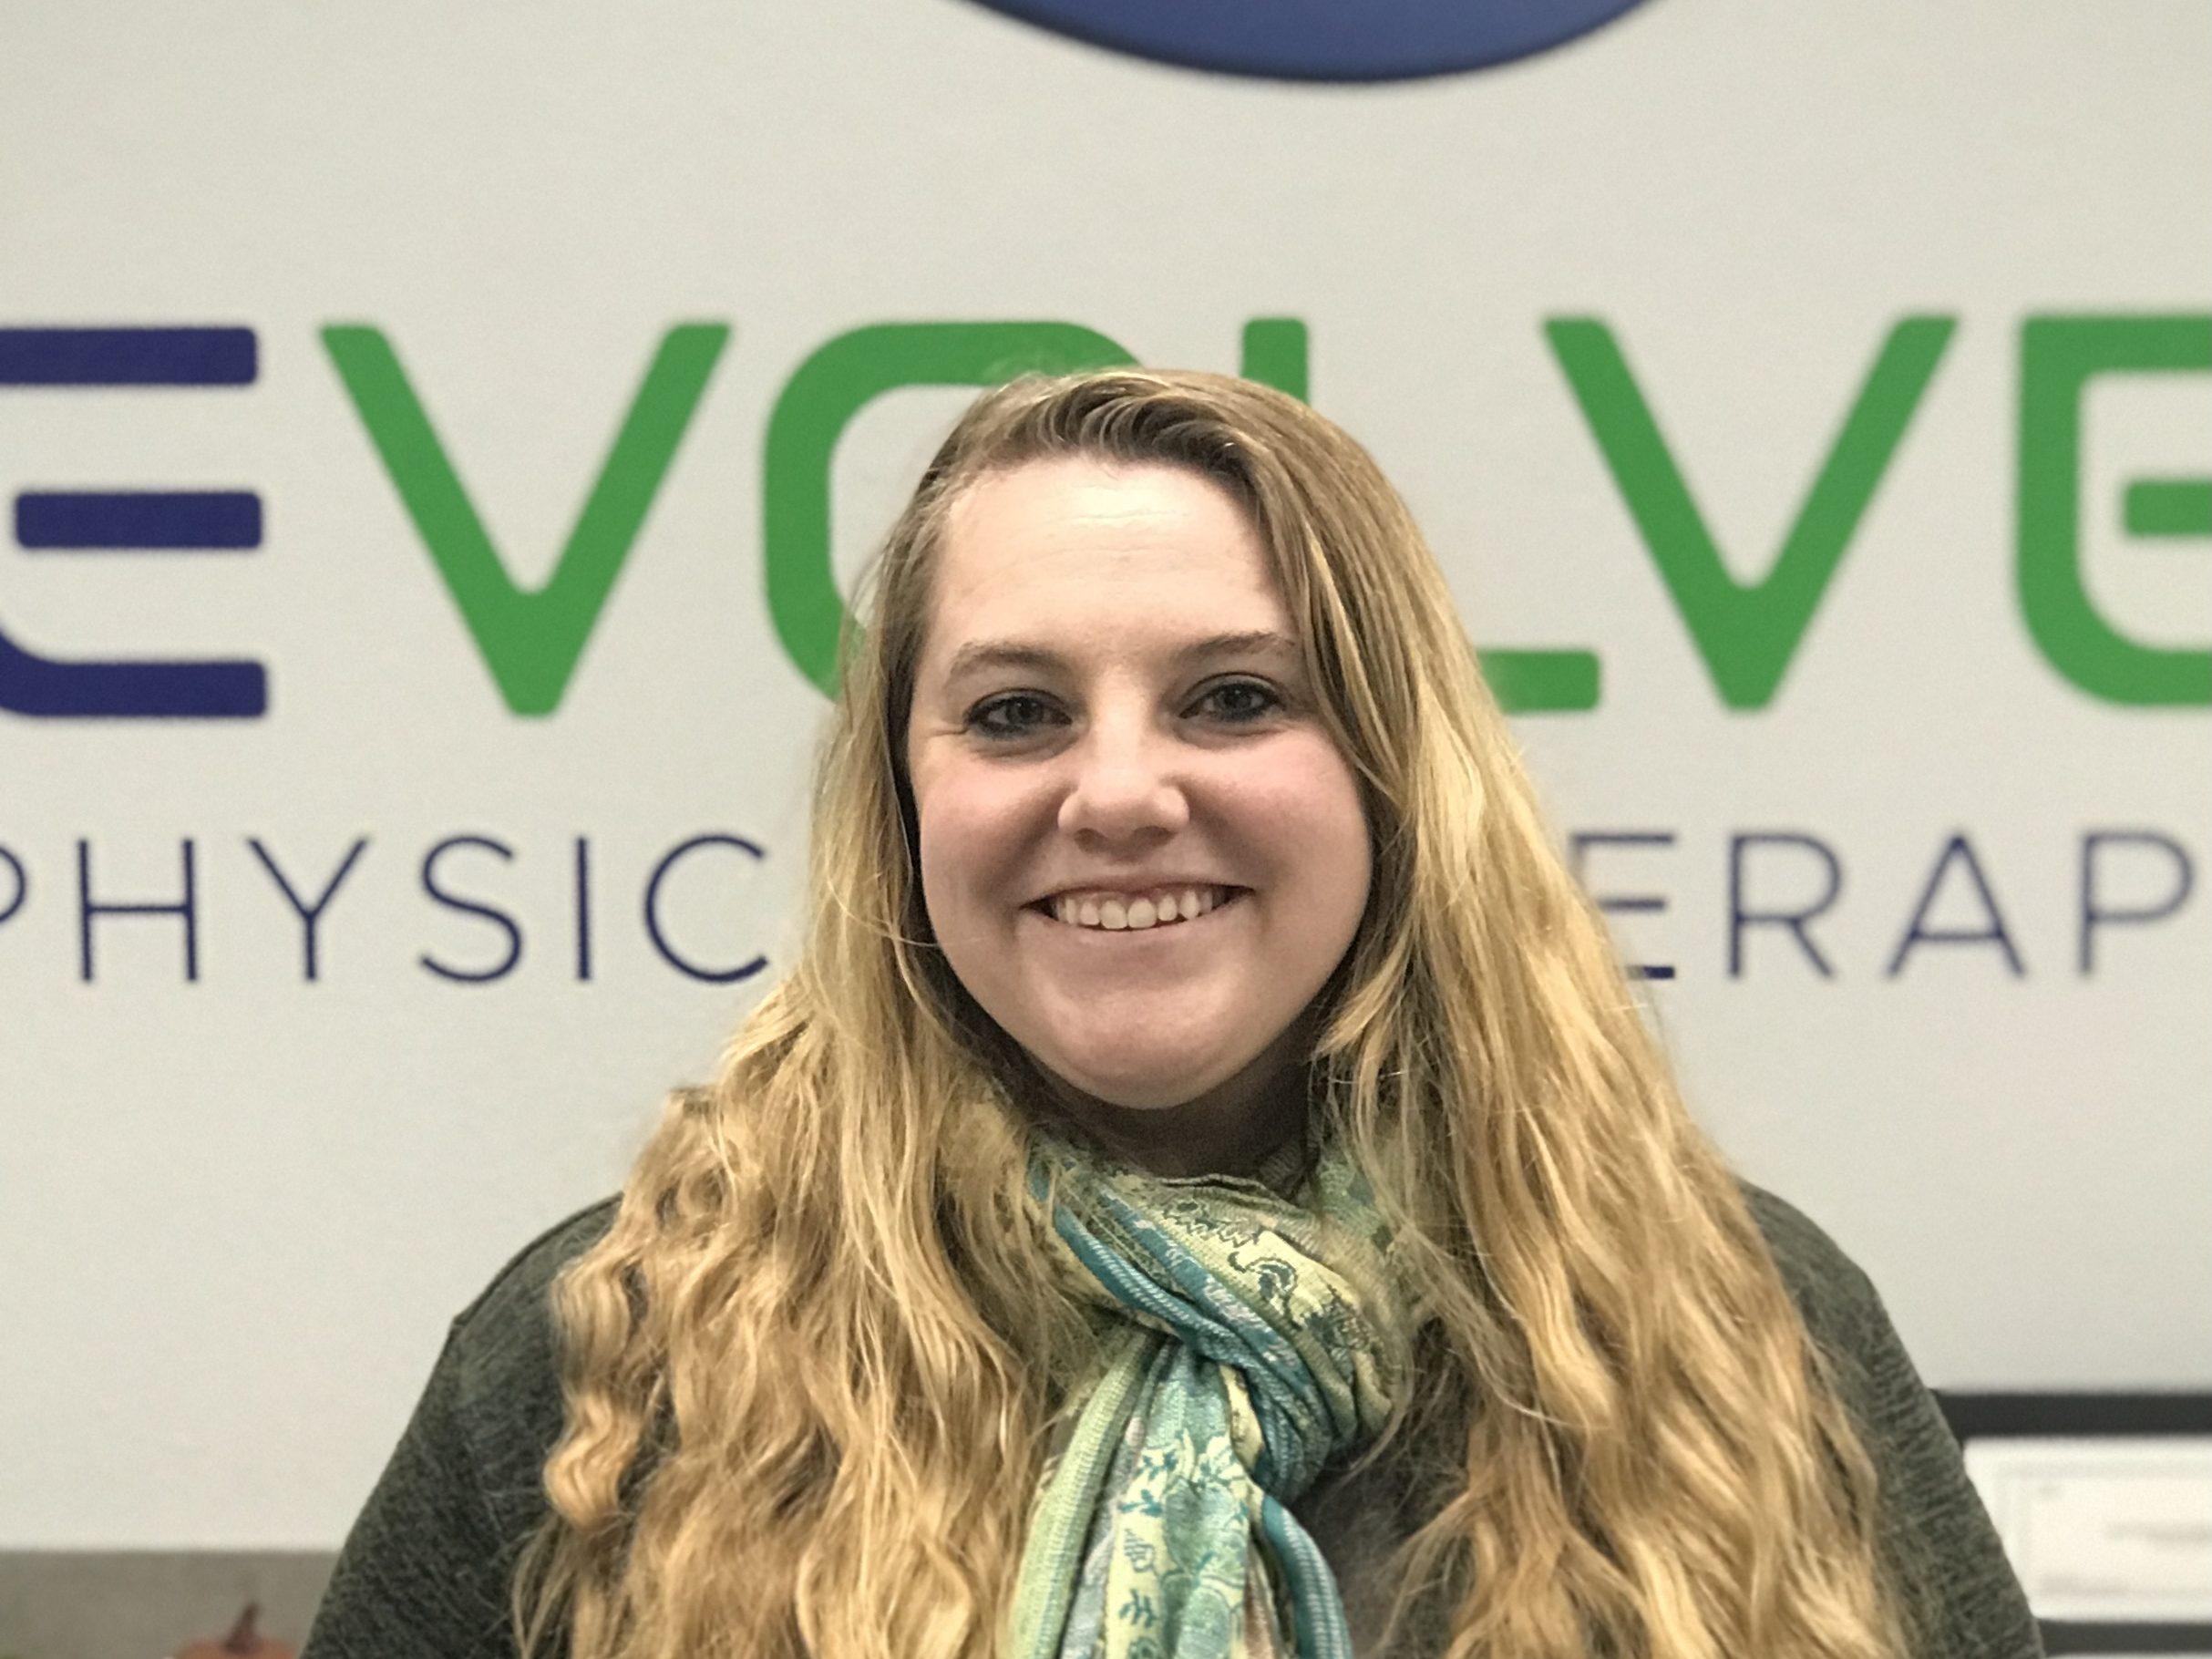 Kaylena Binkerd, Patient Care Coordinator